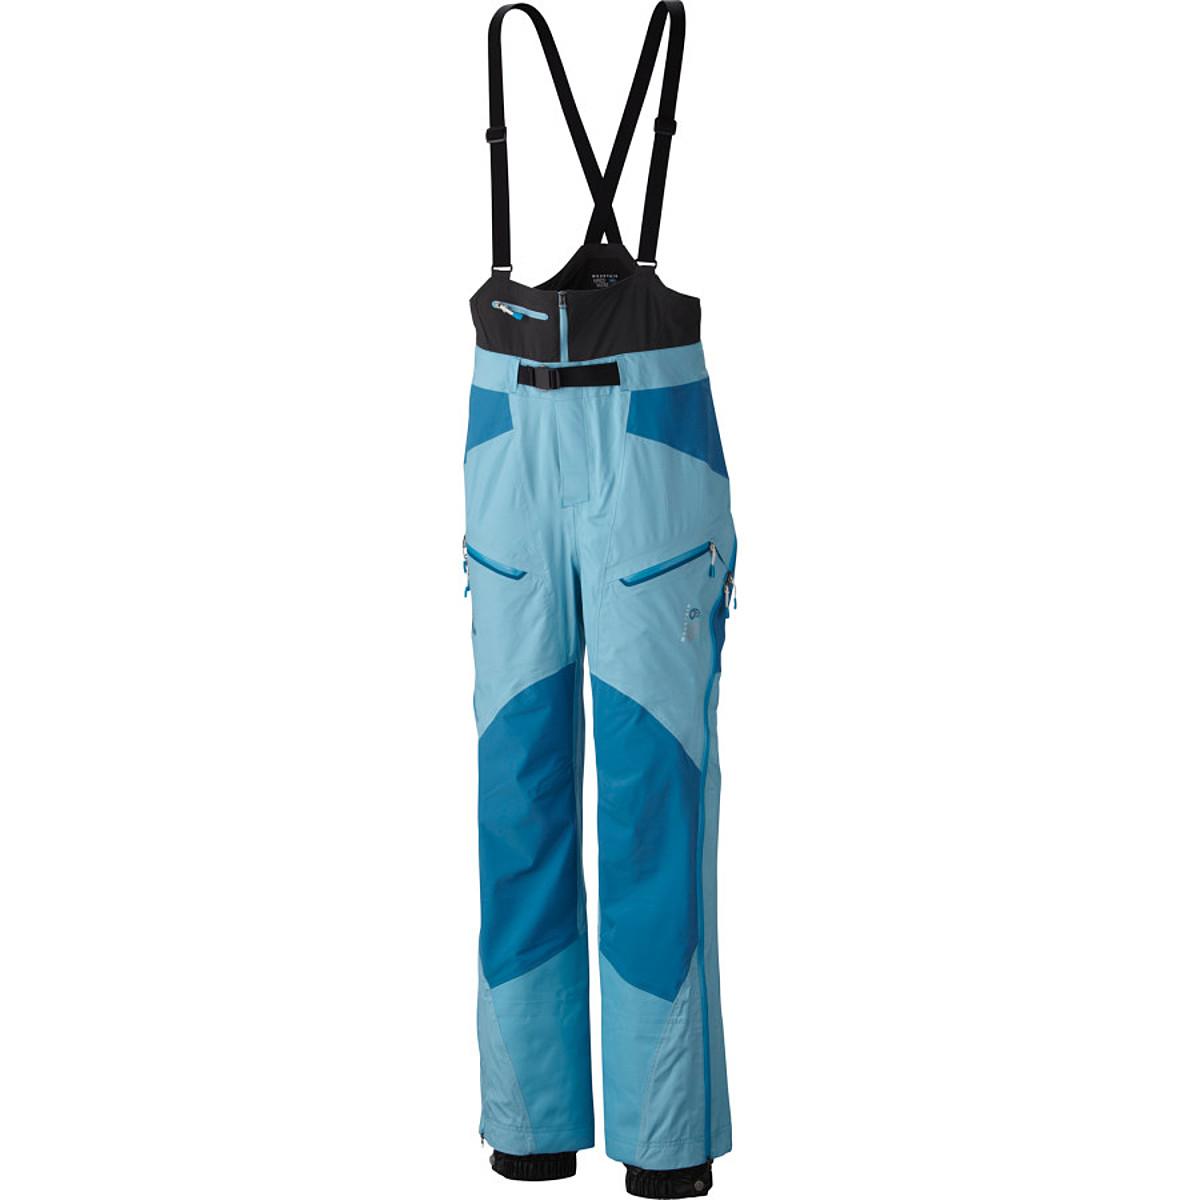 Mountain Hardwear Drystein Pant